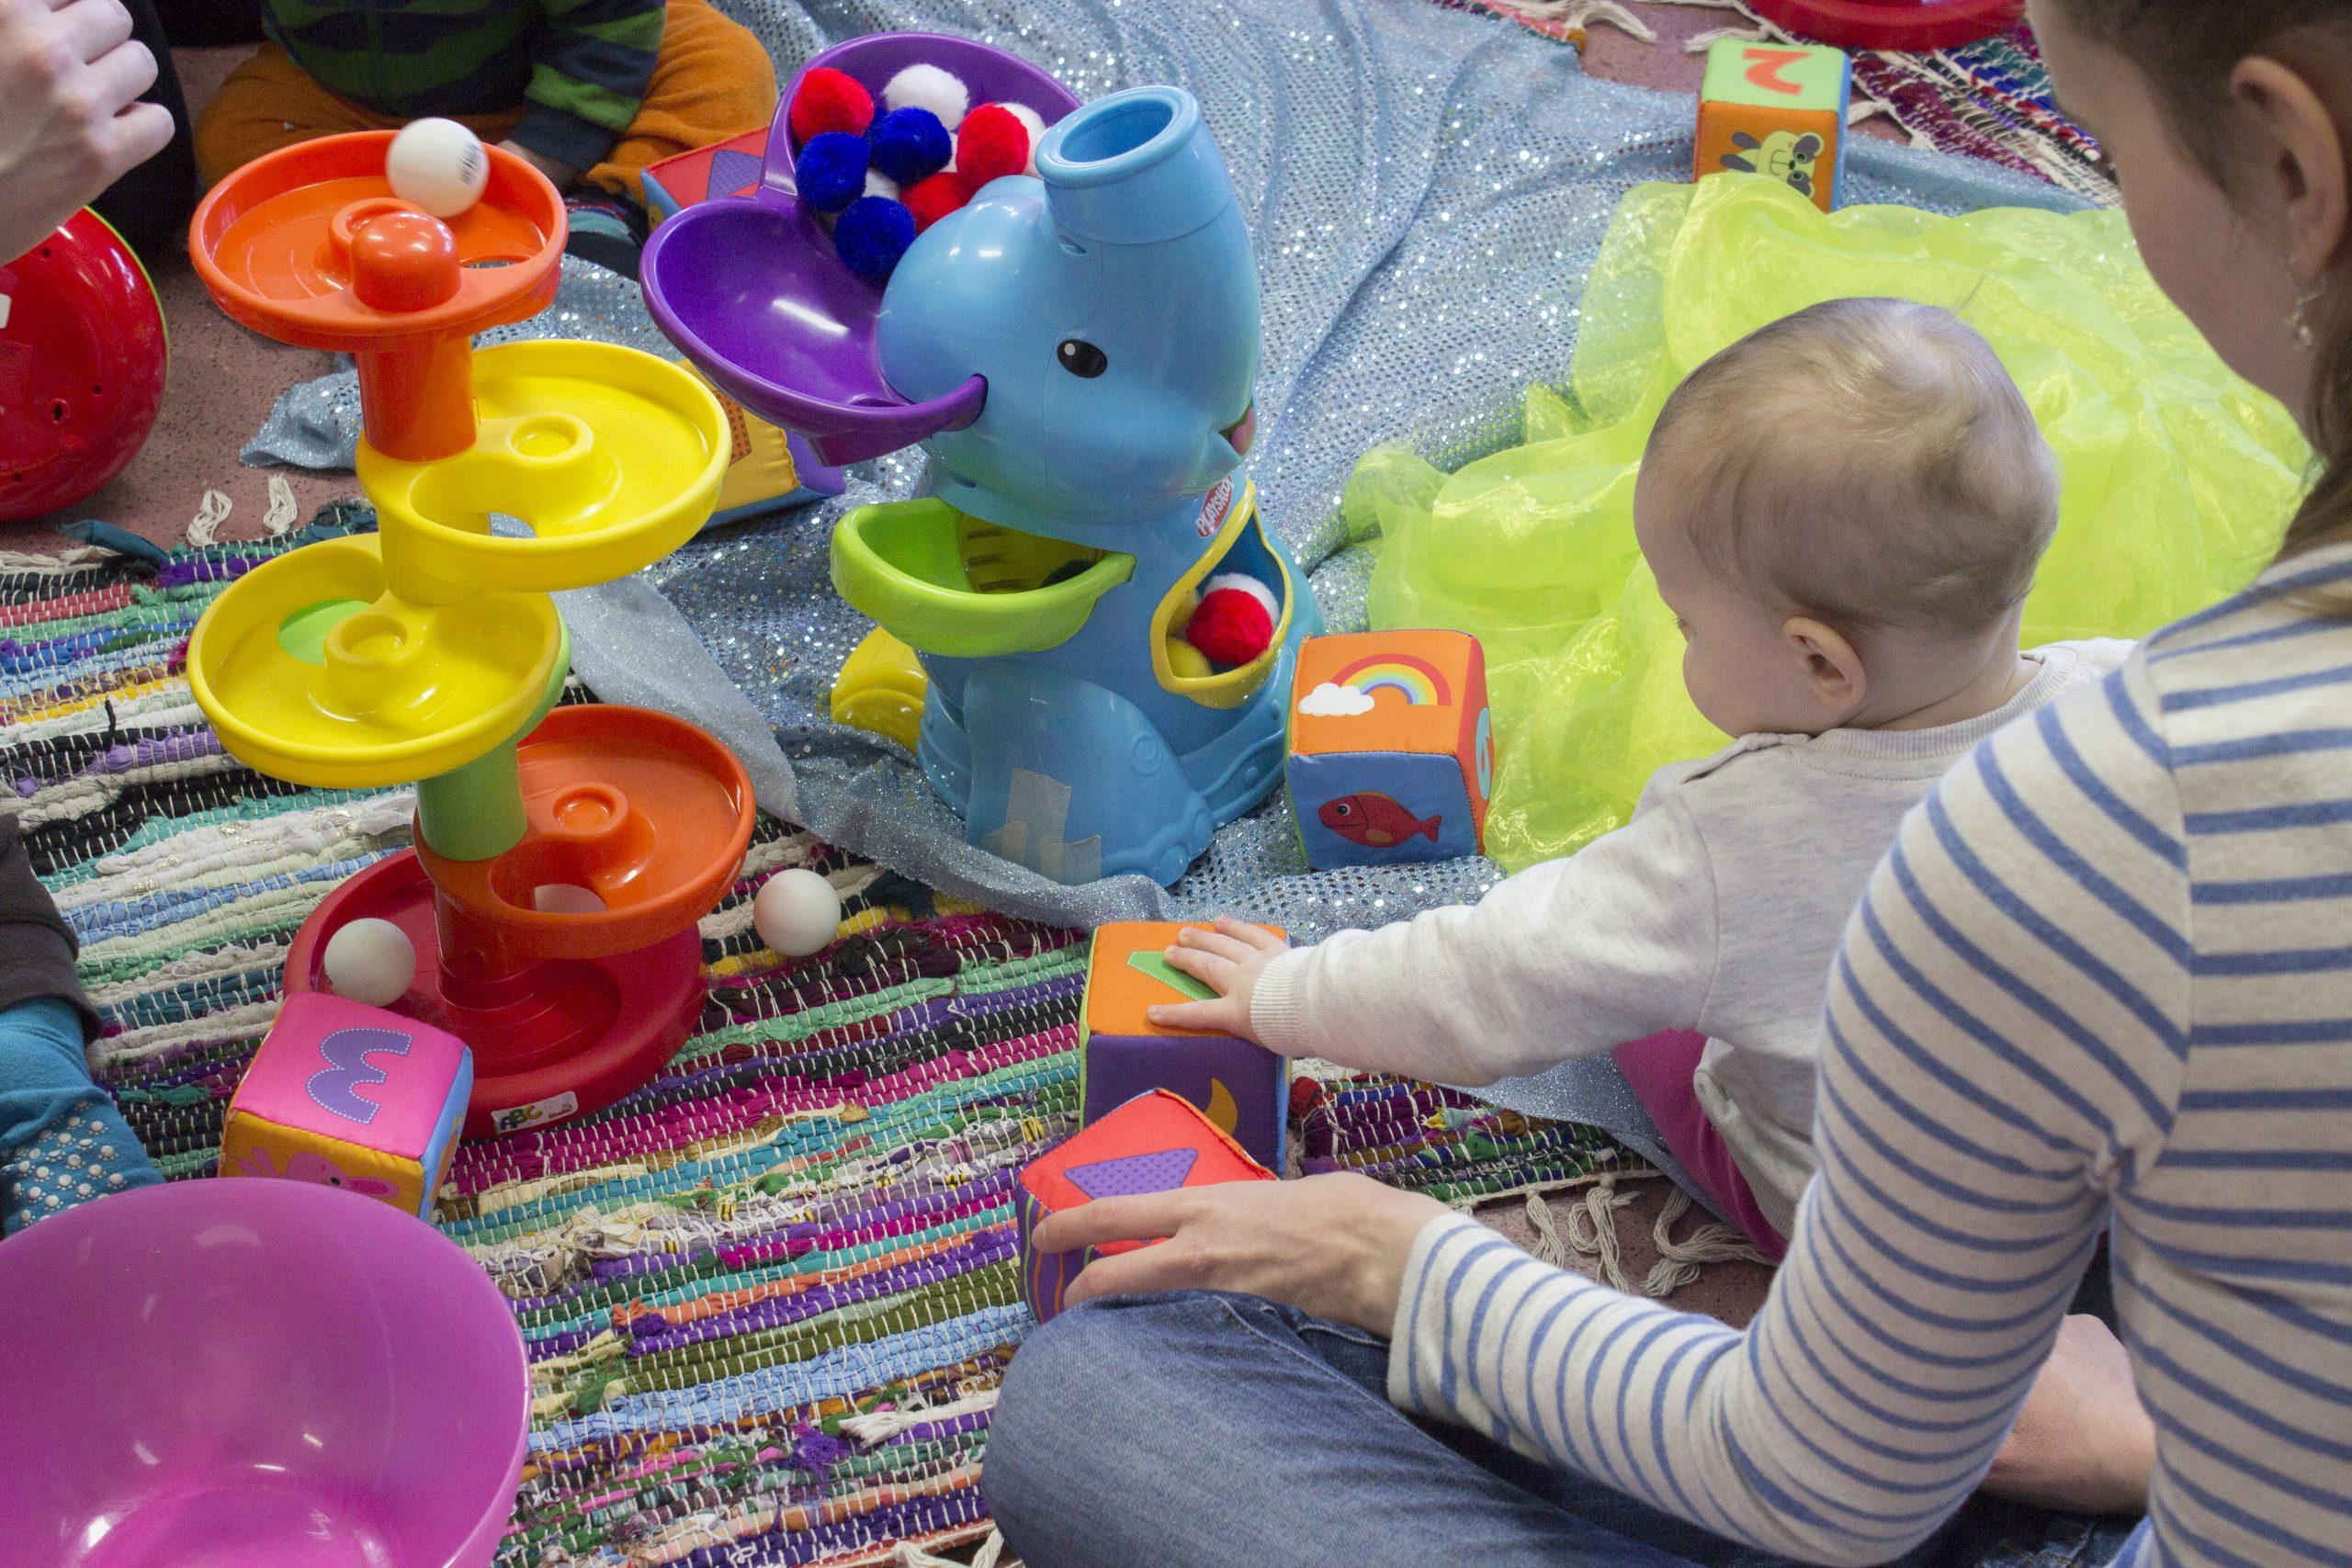 Vauva tutkimassa värikkäistä materiaaleja